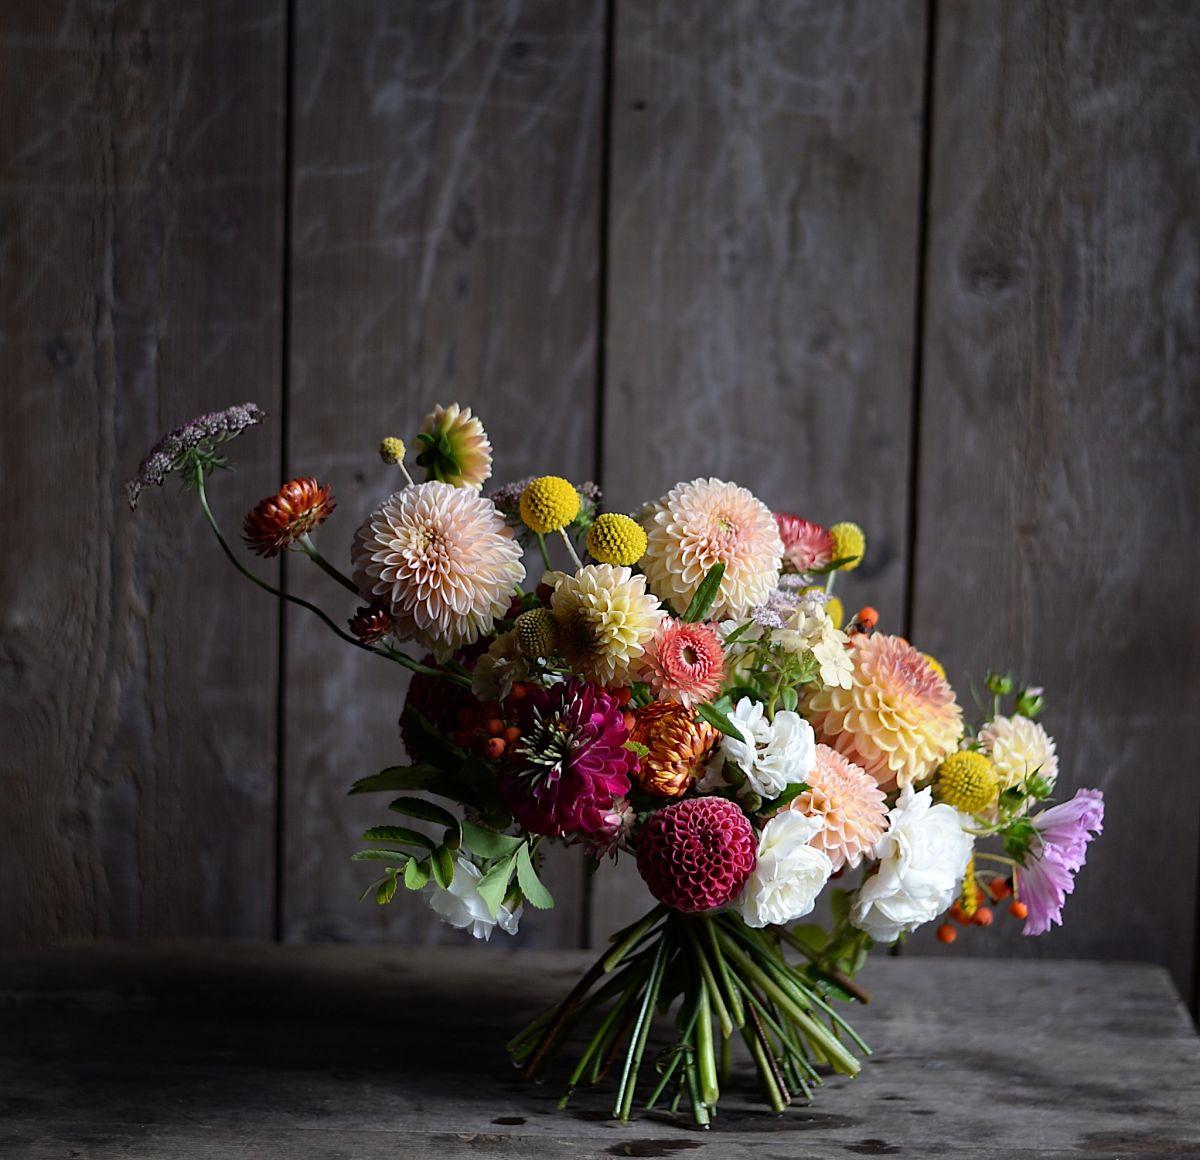 iko_flowers_herbst_1_opt.jpg